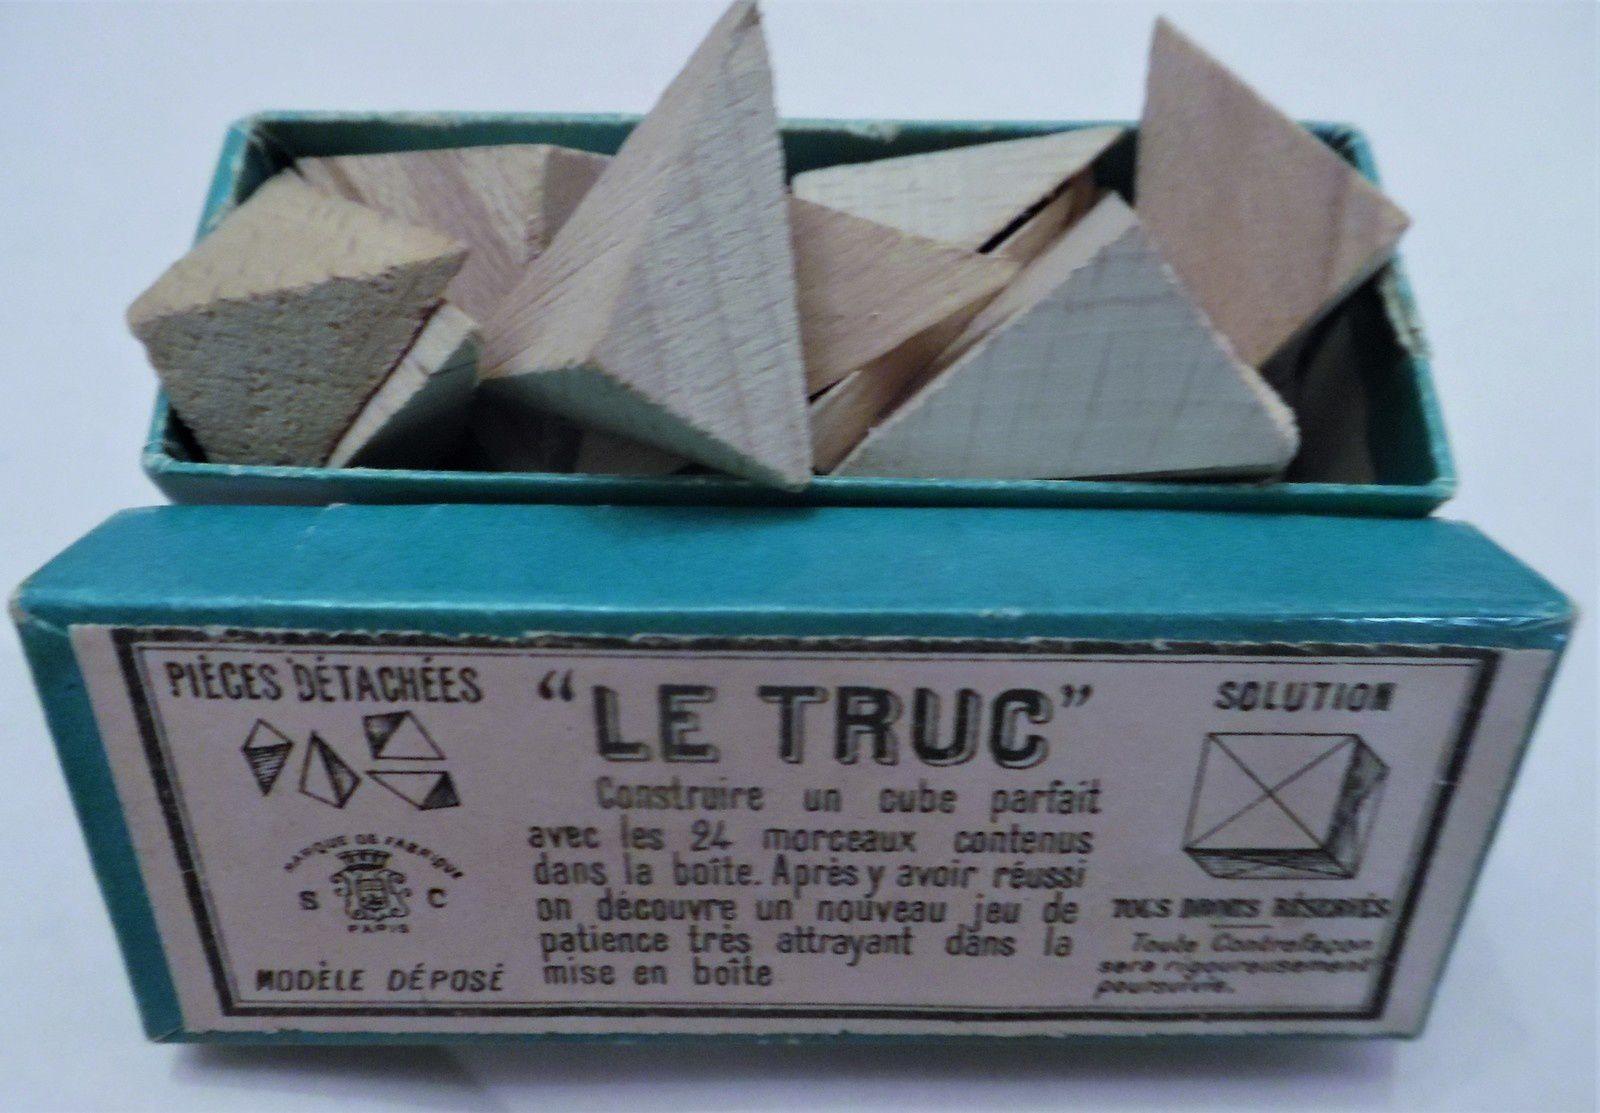 le truc (24 pièces pour former un seul cube, et puis ranger dans la boîte!)